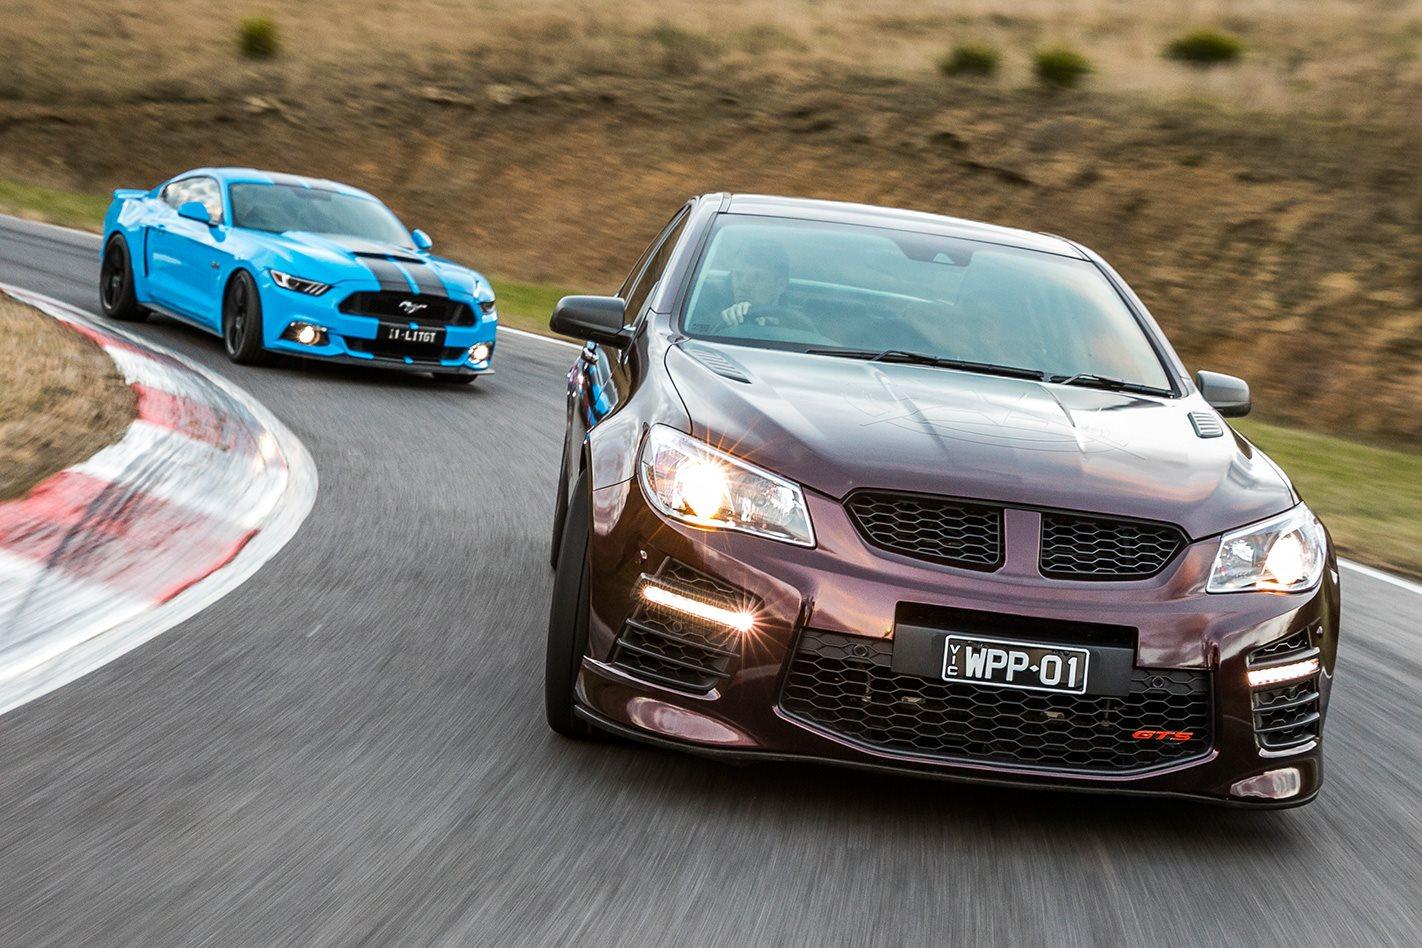 2017 Herrod Mustang GT vs 2017 Walkinshaw W557 comparison review